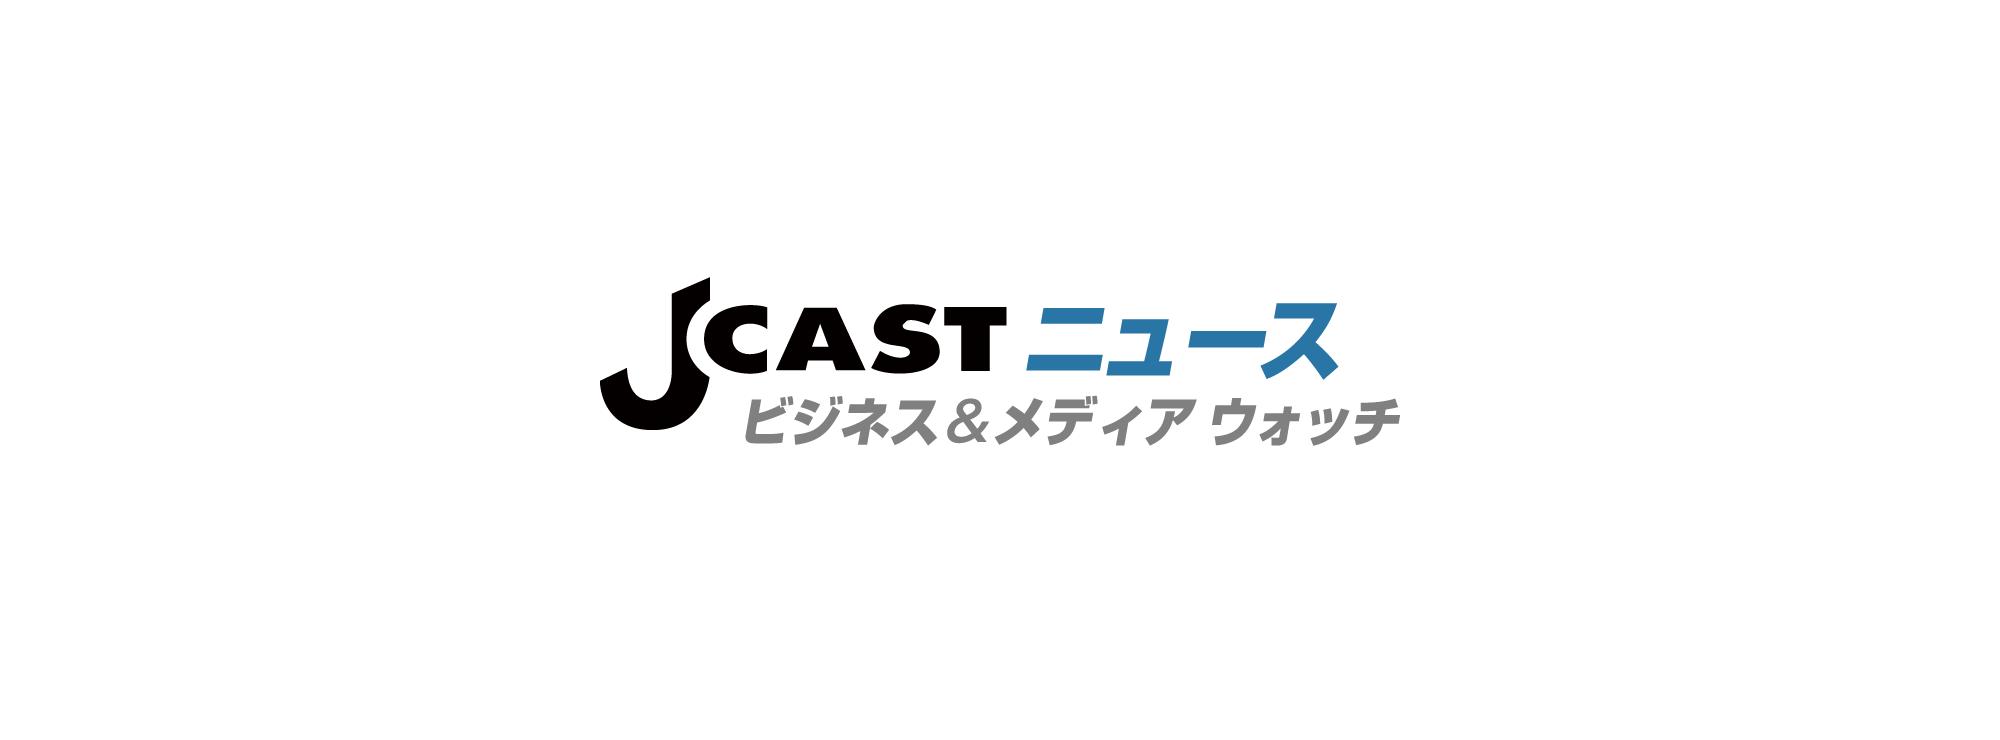 全文表示   「KARA」、竹島問題質問に「沈黙」 韓国メディアから批判浴びる : J-CASTニュース